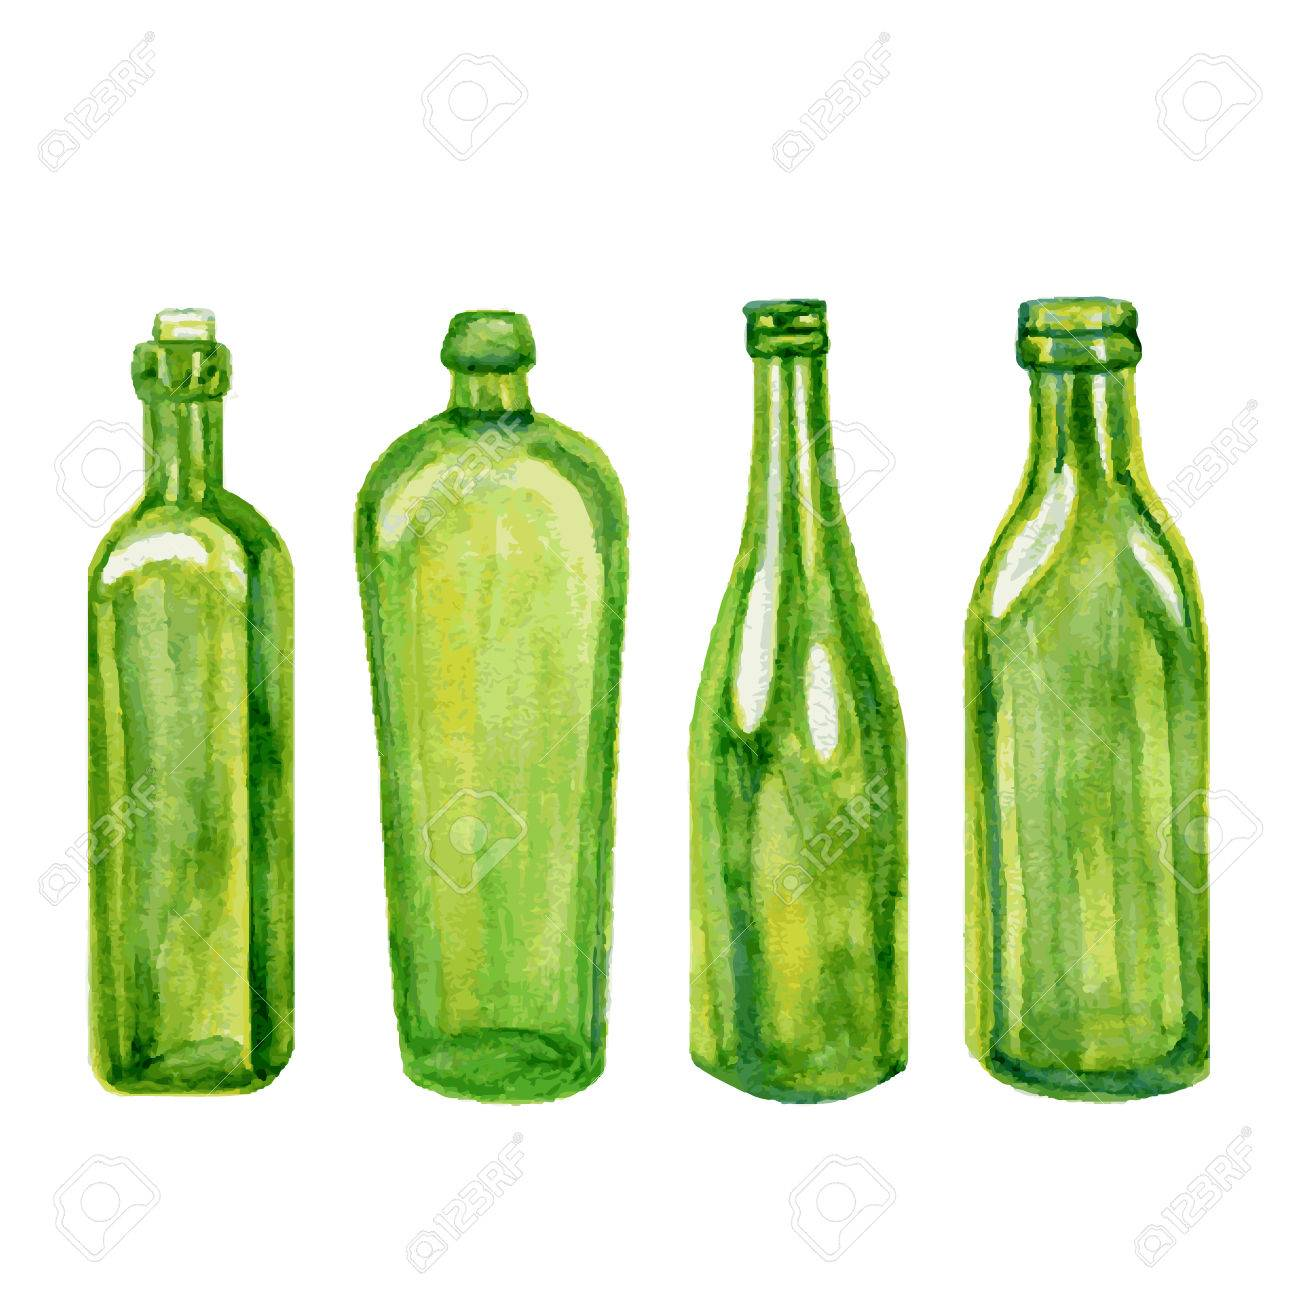 Groß Wein Flaschen Aufkleber Schablone Wort Ideen - Bilder für das ...